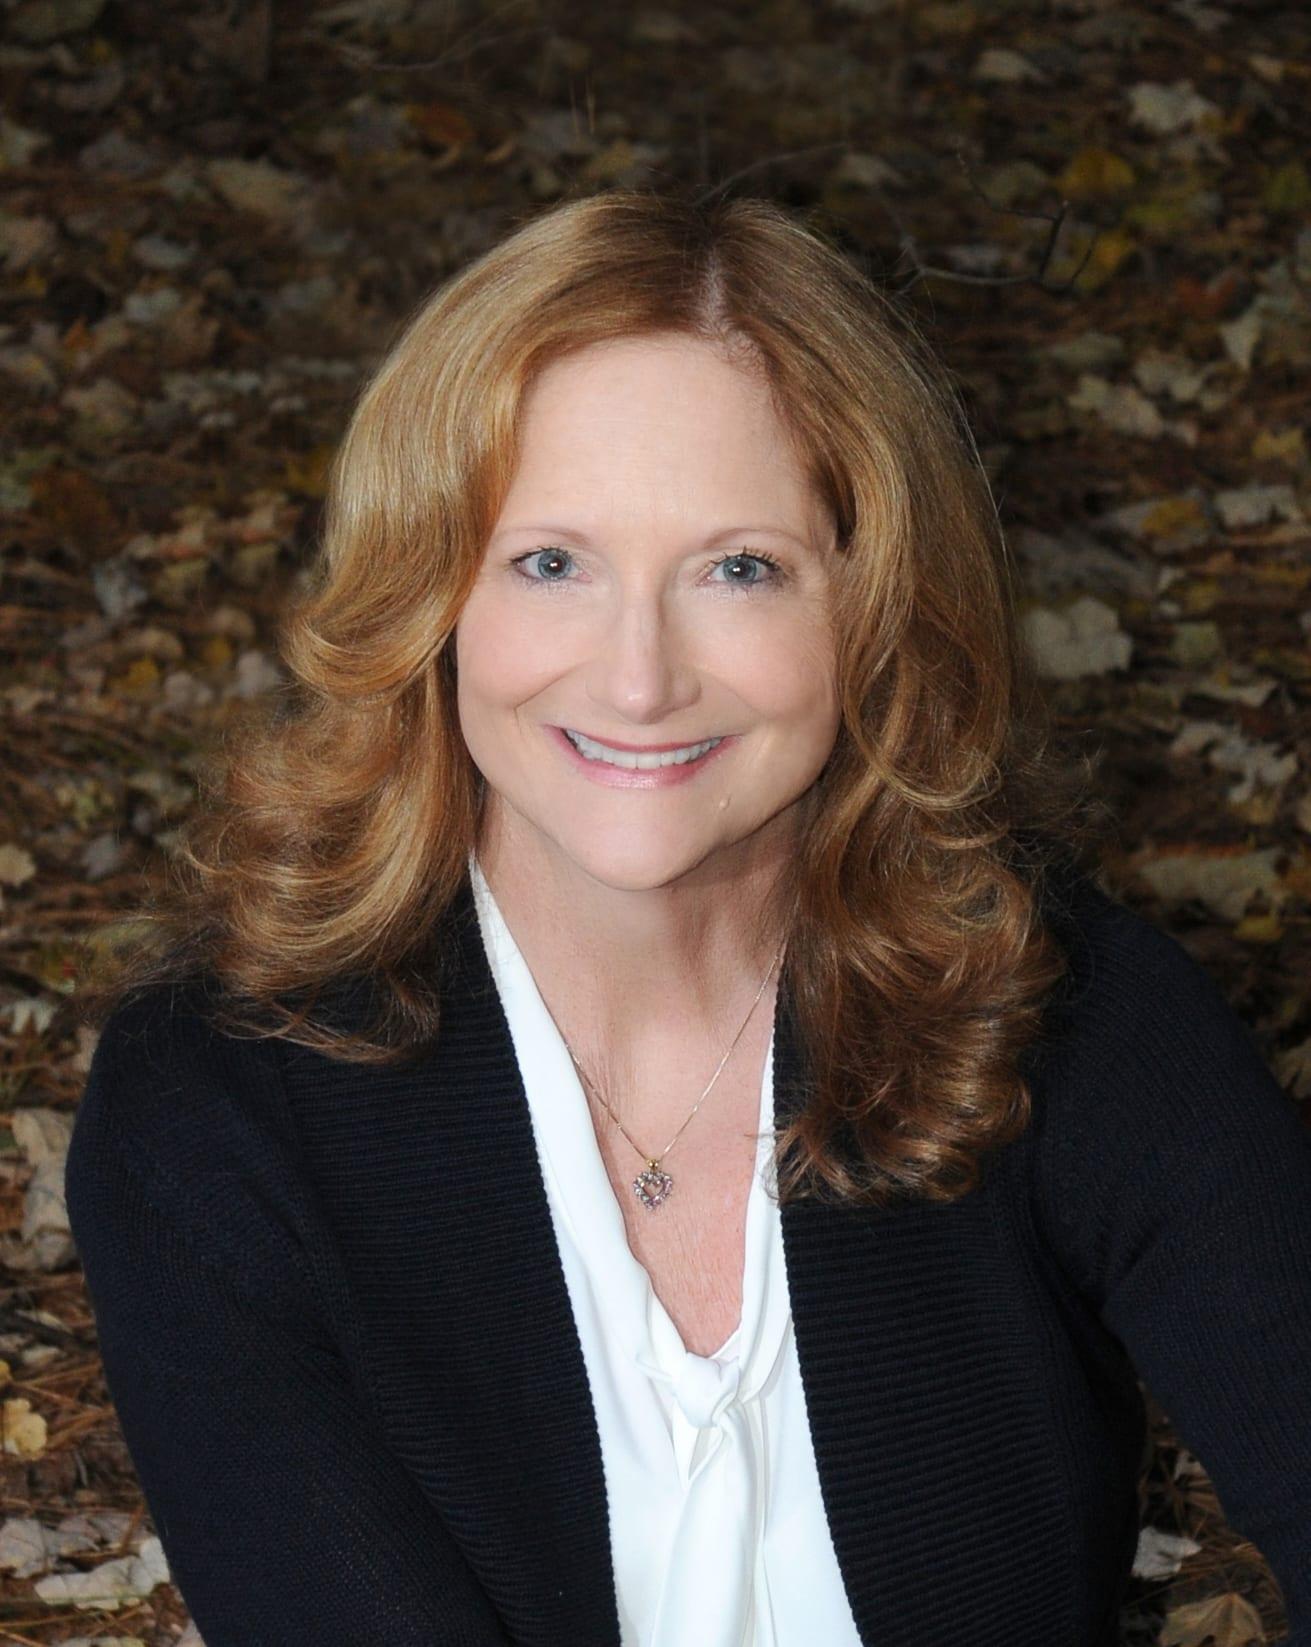 Kathy Foreman